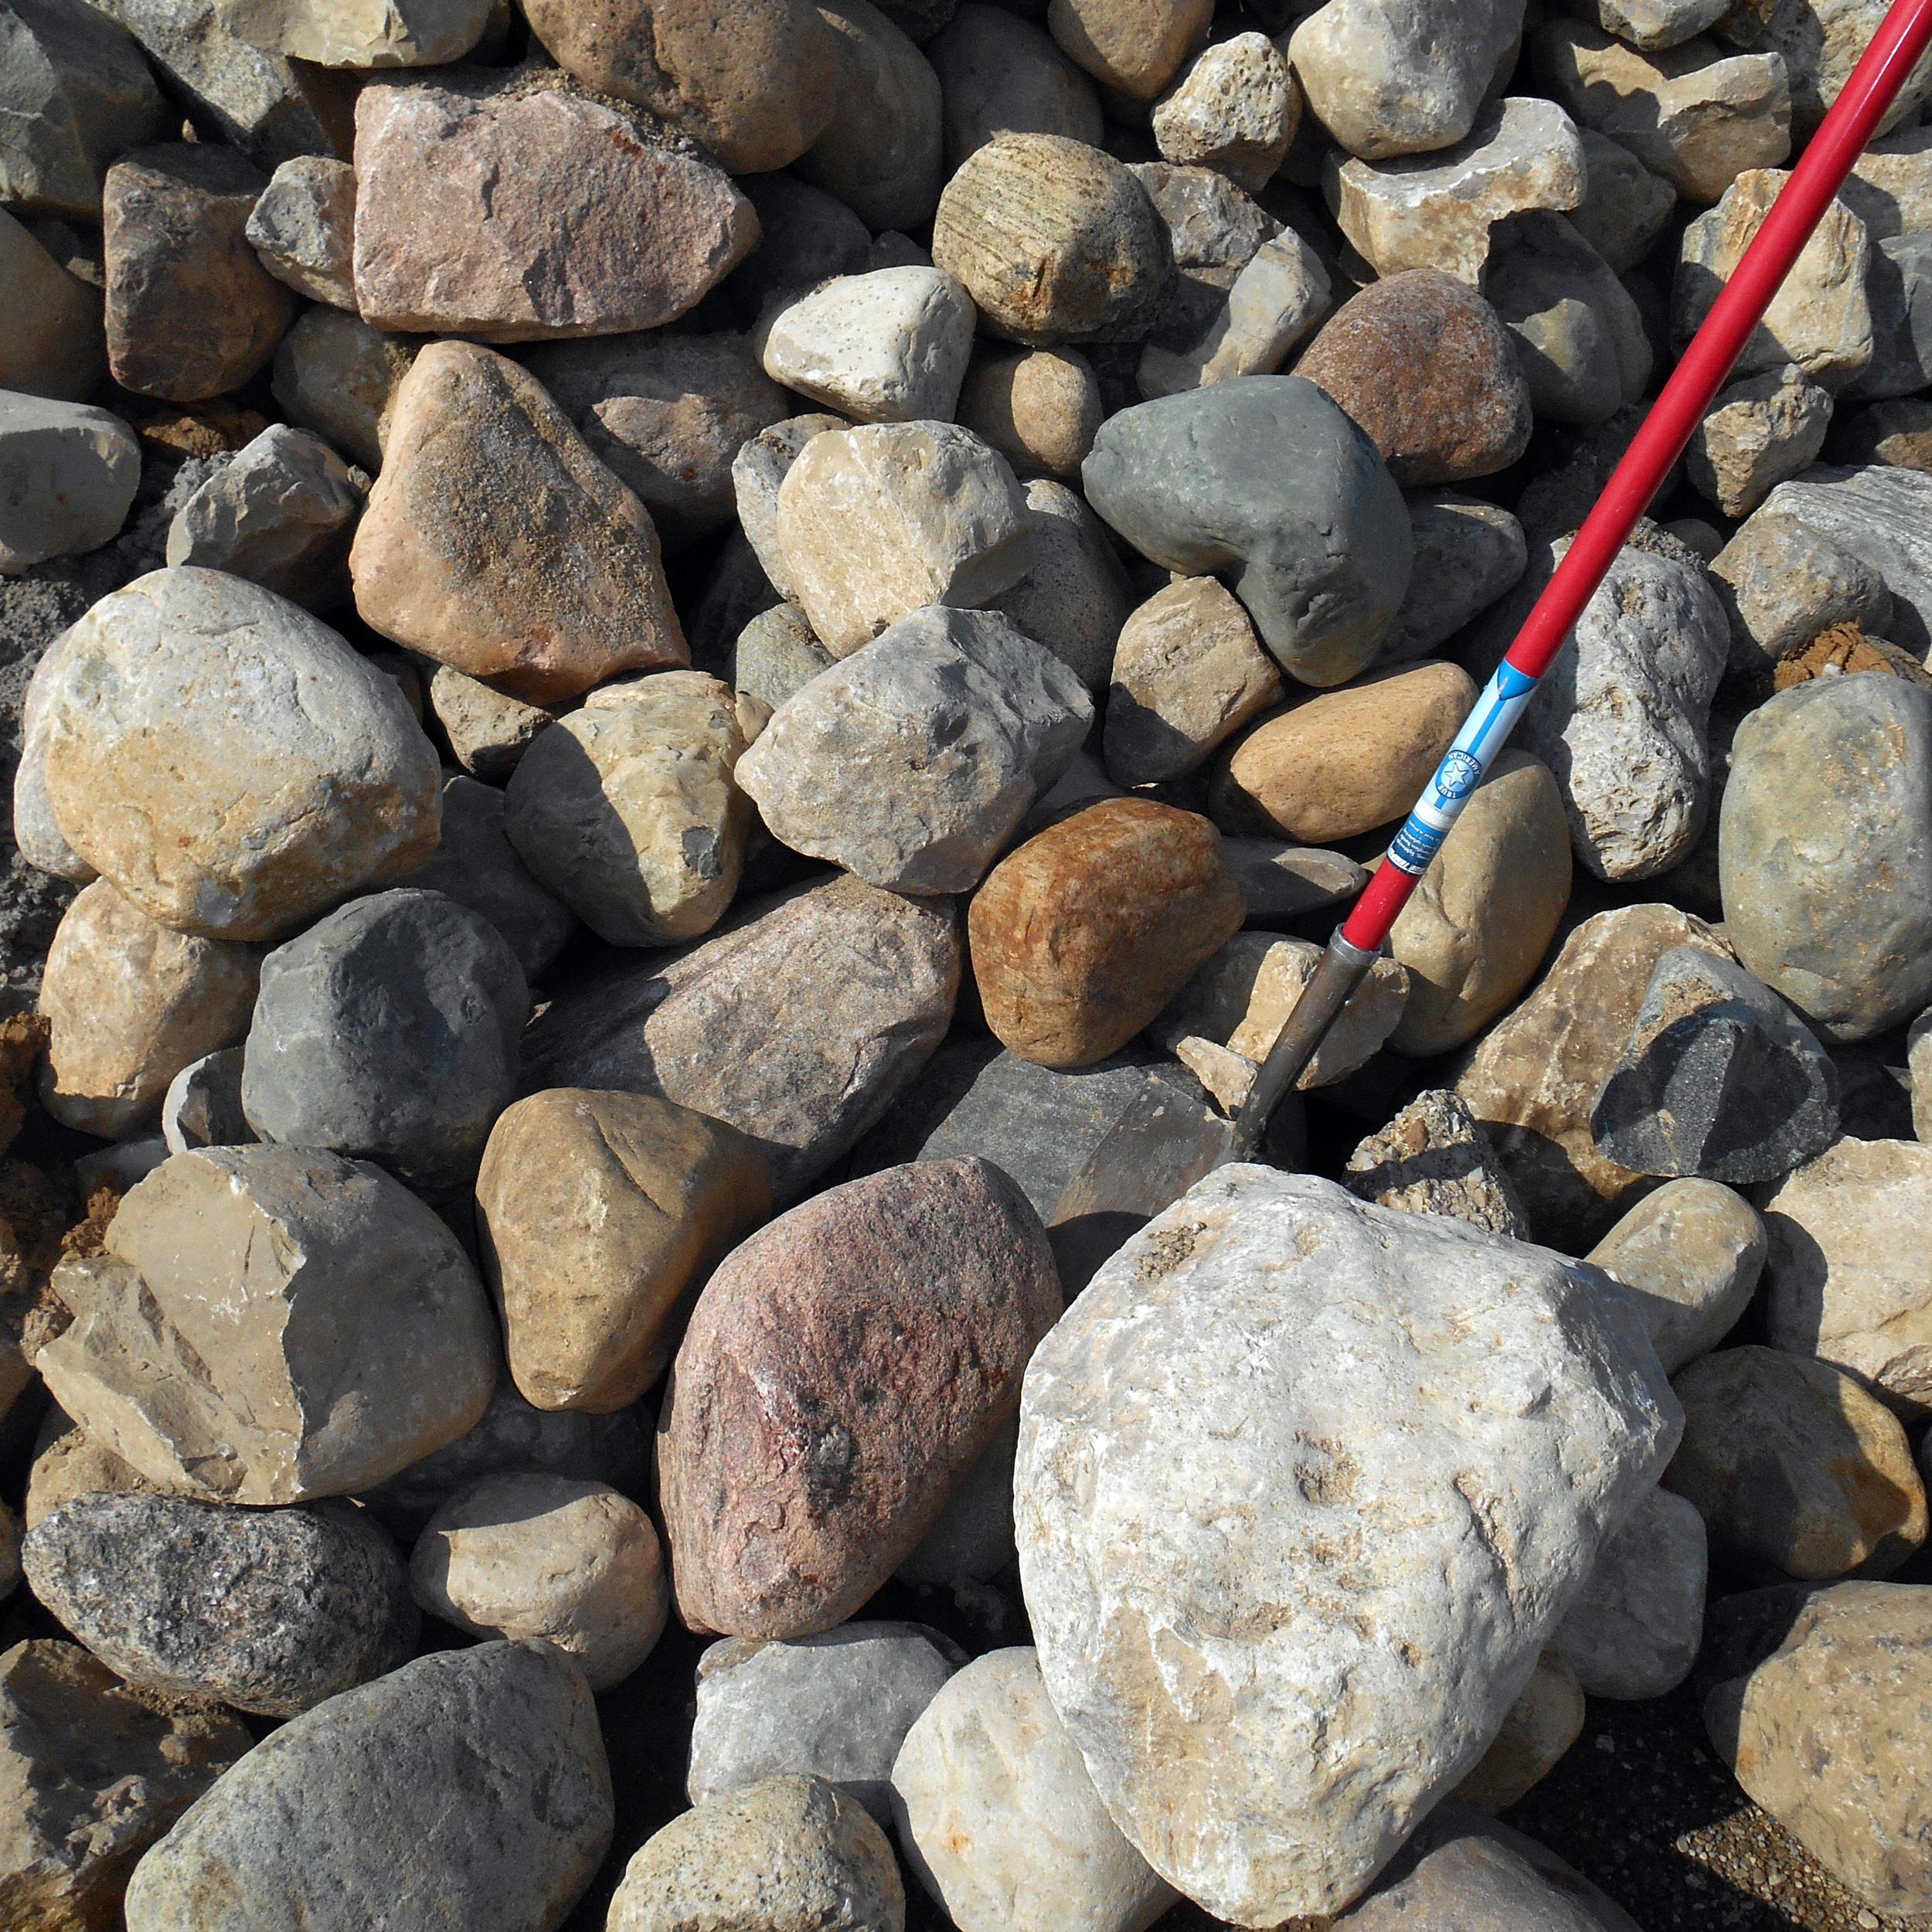 Rocks (landscape) - Self Load Only